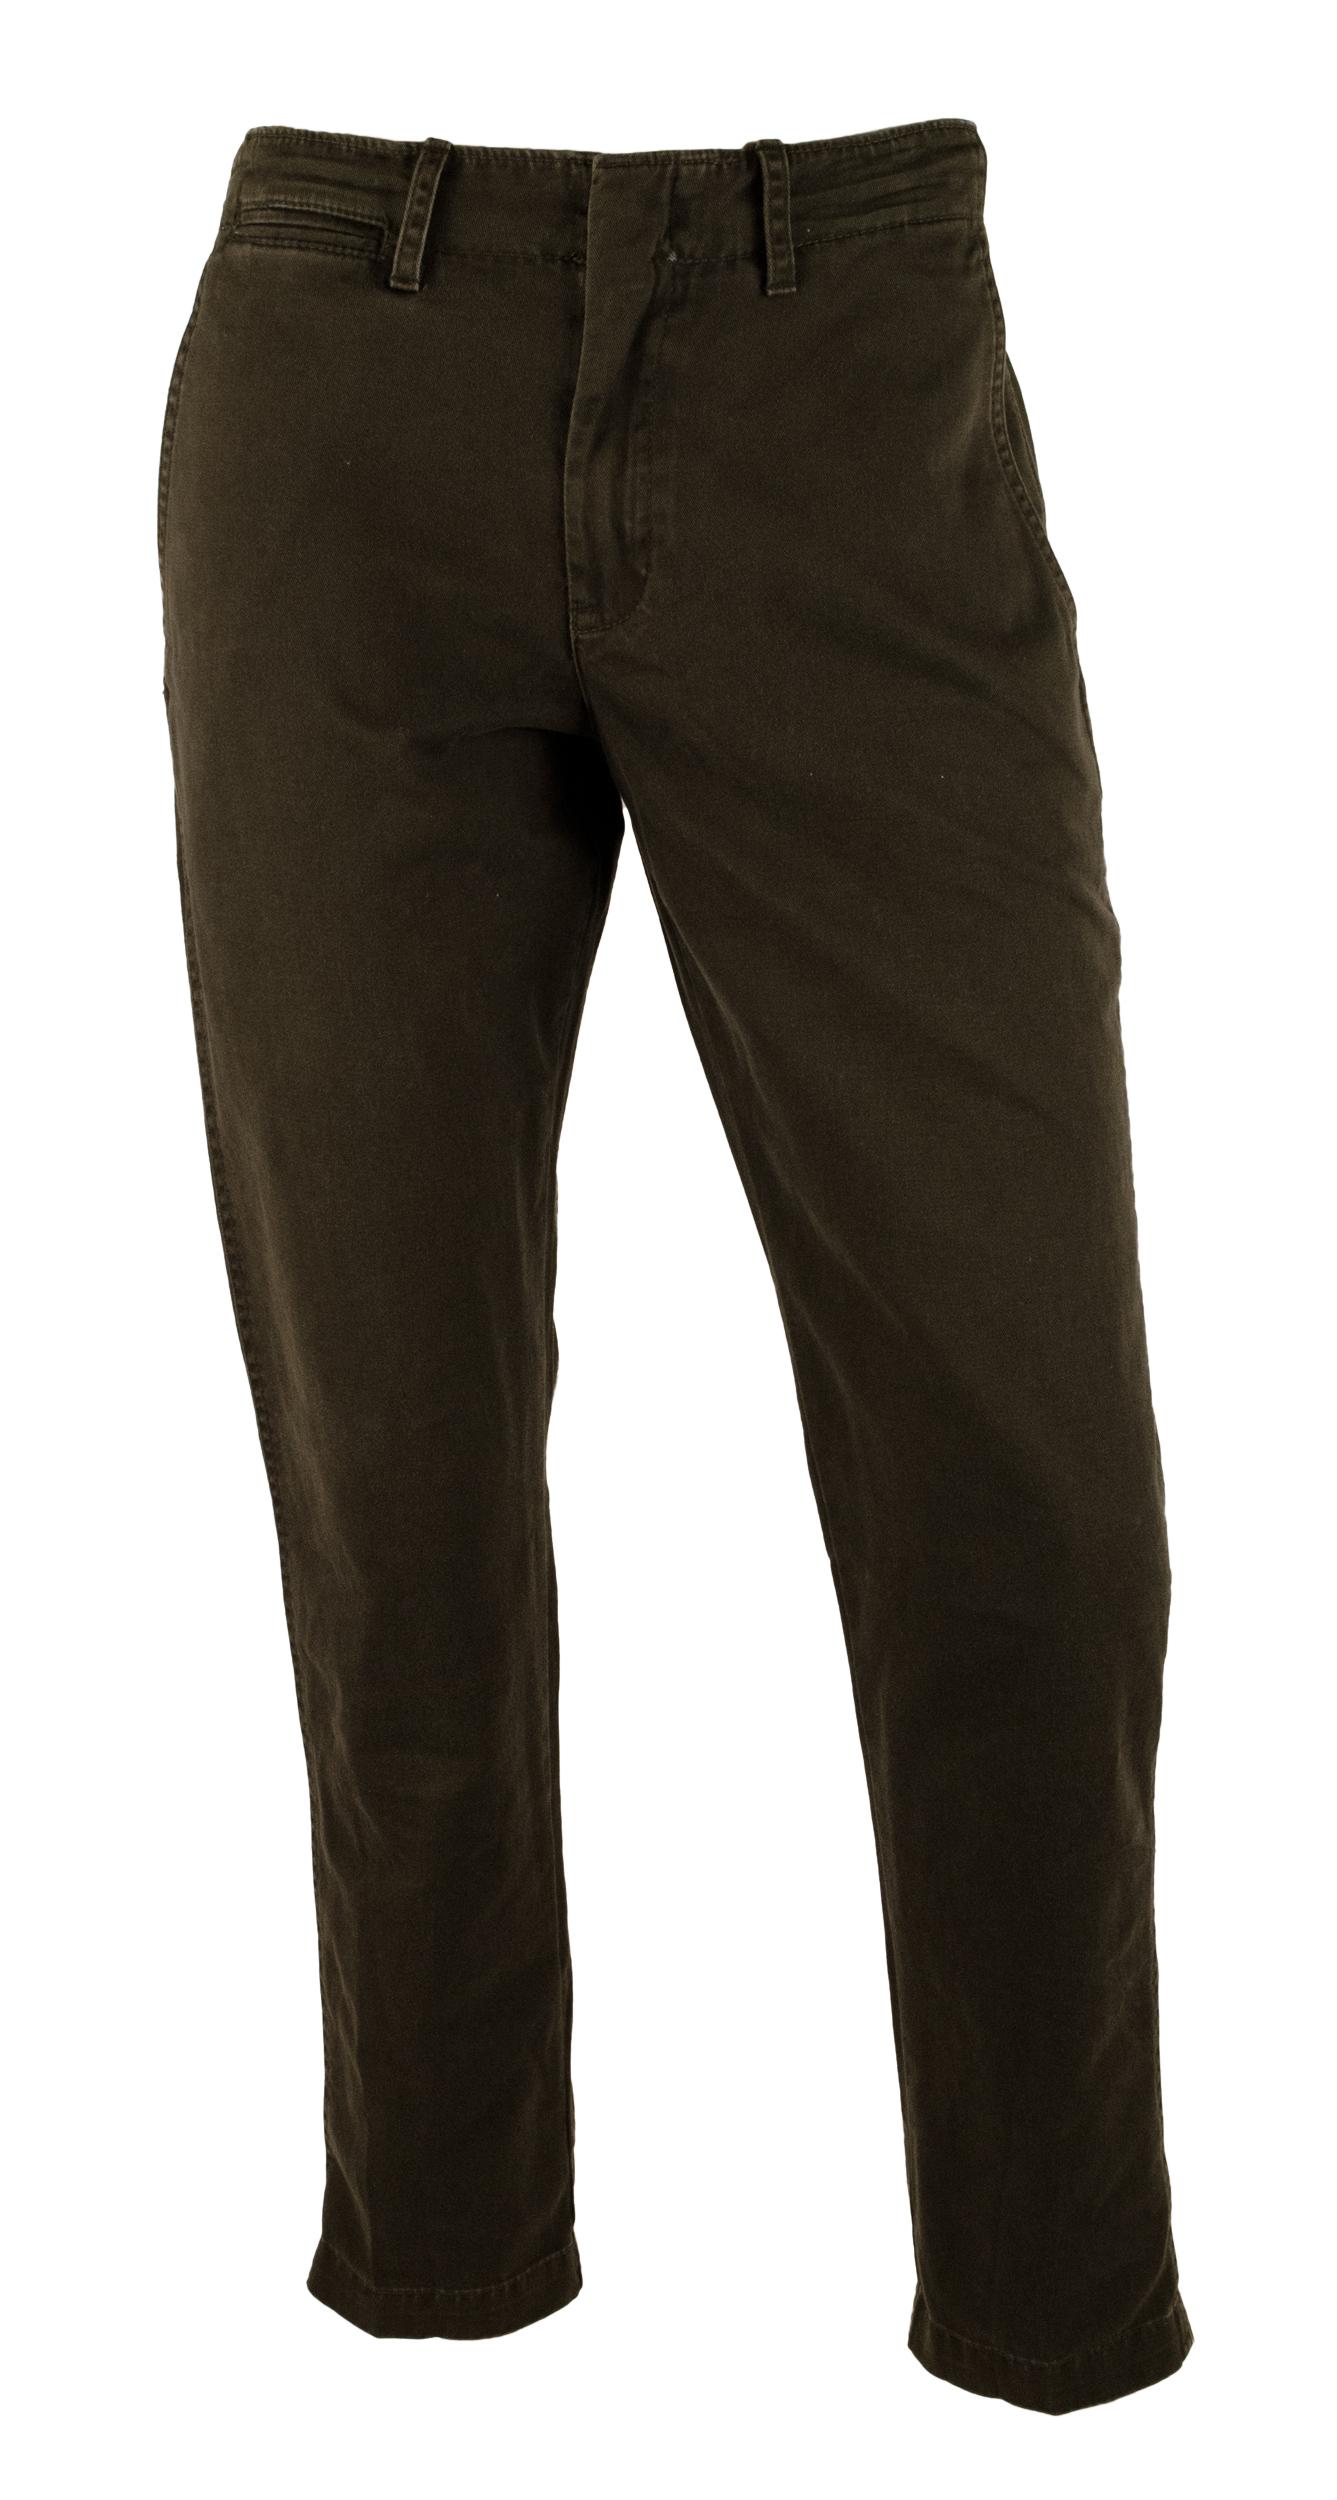 Raplp Lauren Women's Five-Pocket Chino Pants